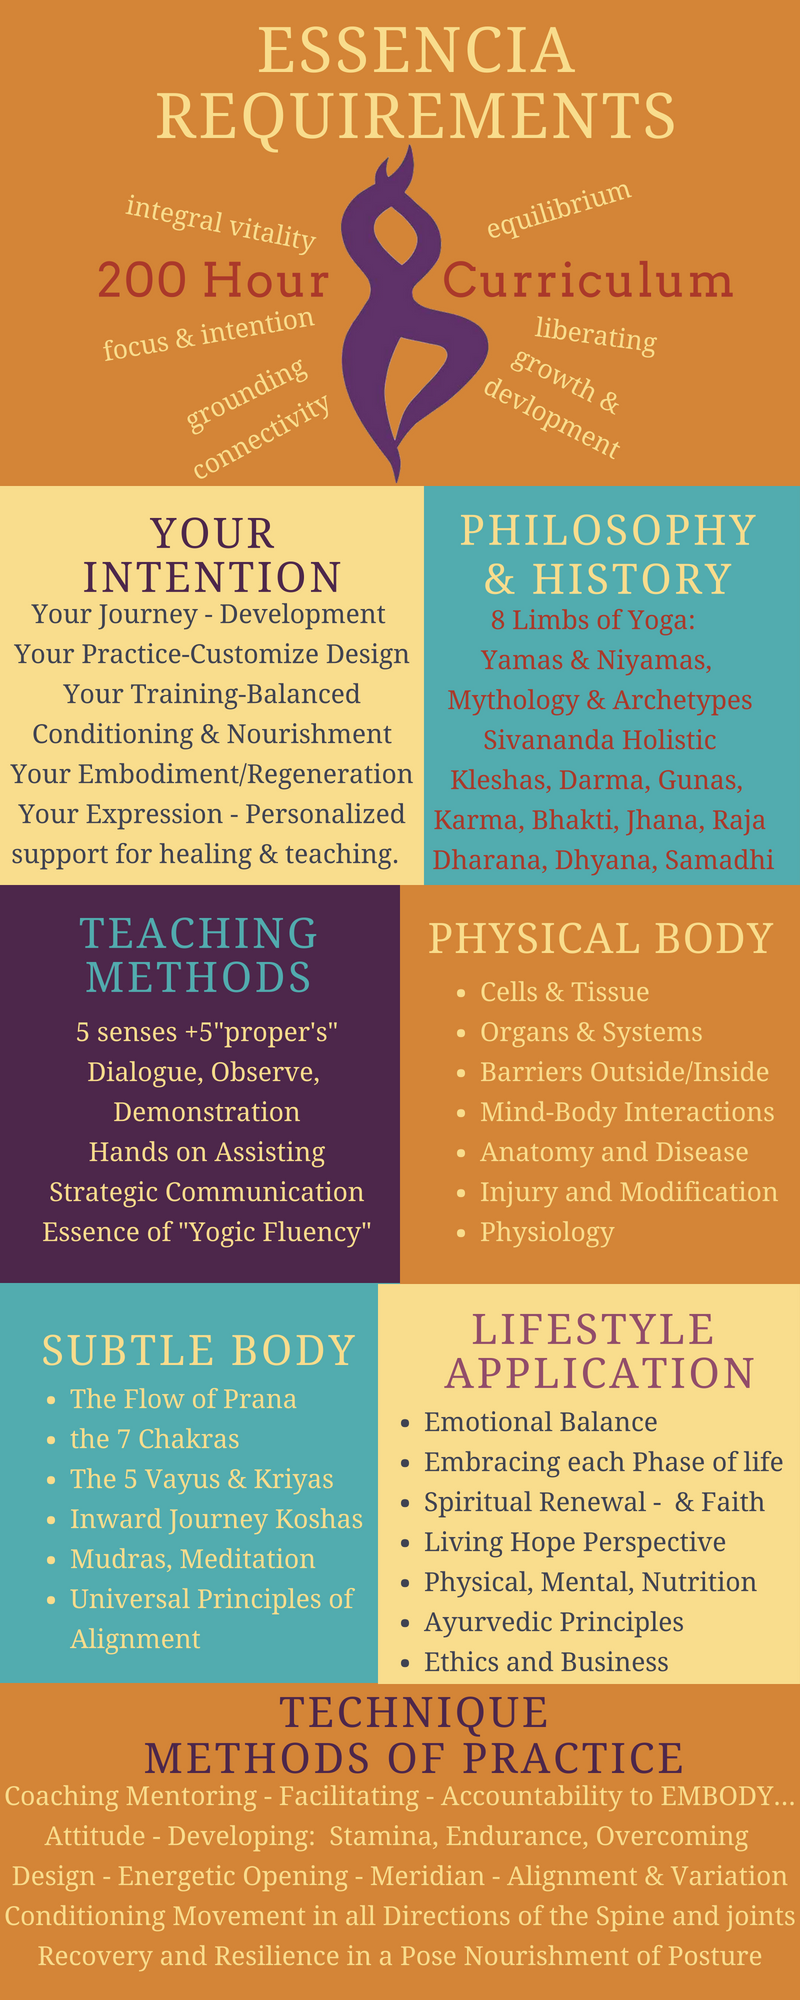 Essencia Yoga Teacher Training Values and Curriculum Syllabus